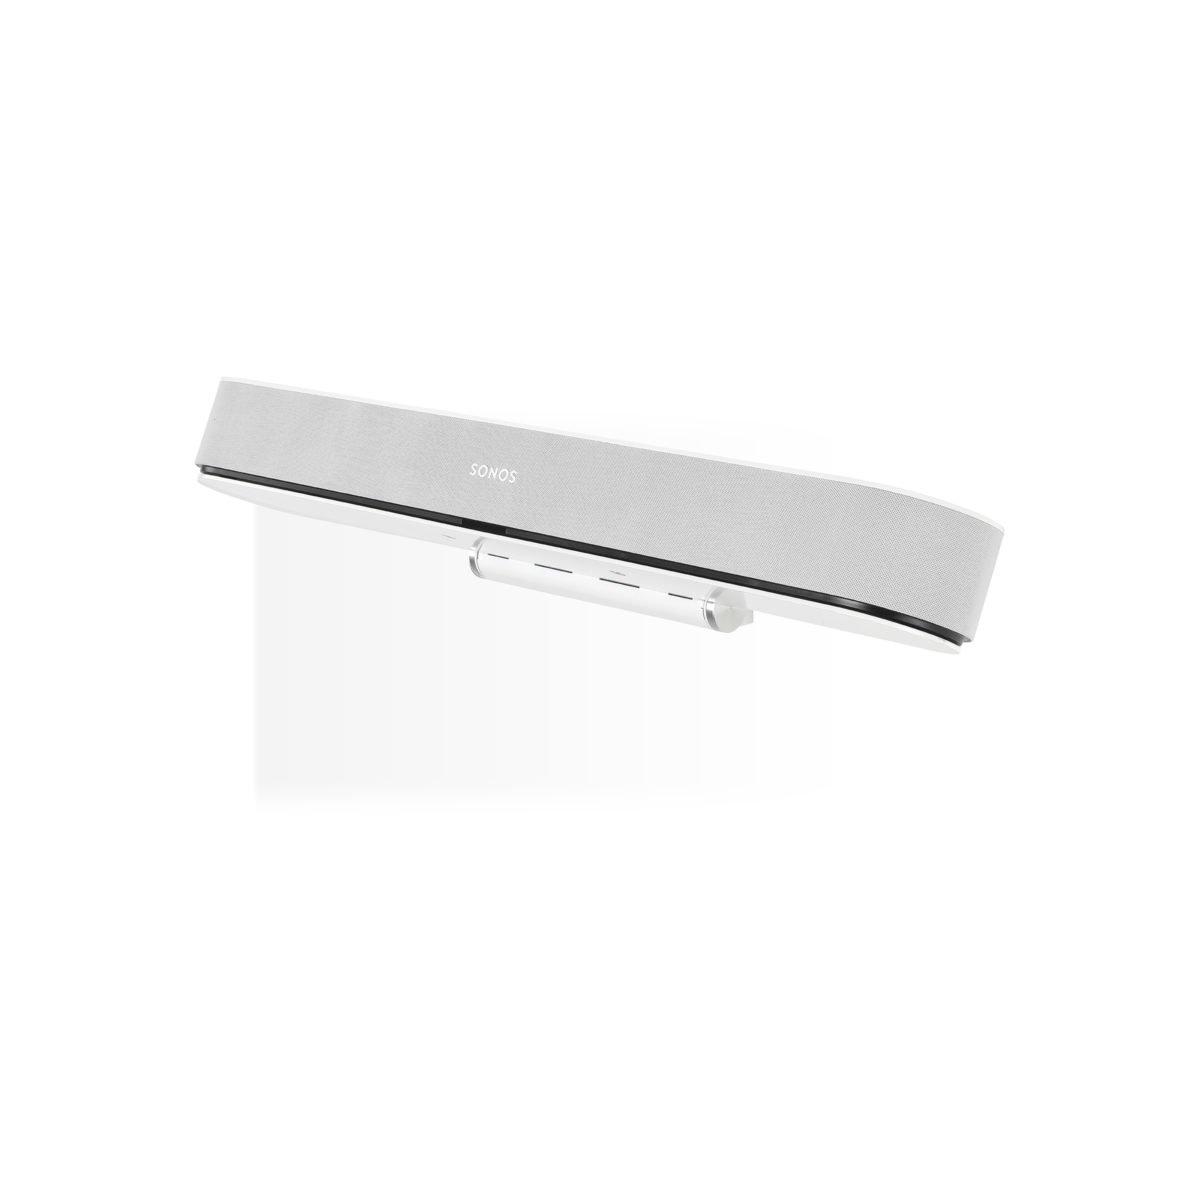 Sonos Beam verstelbare muurbeugel wit